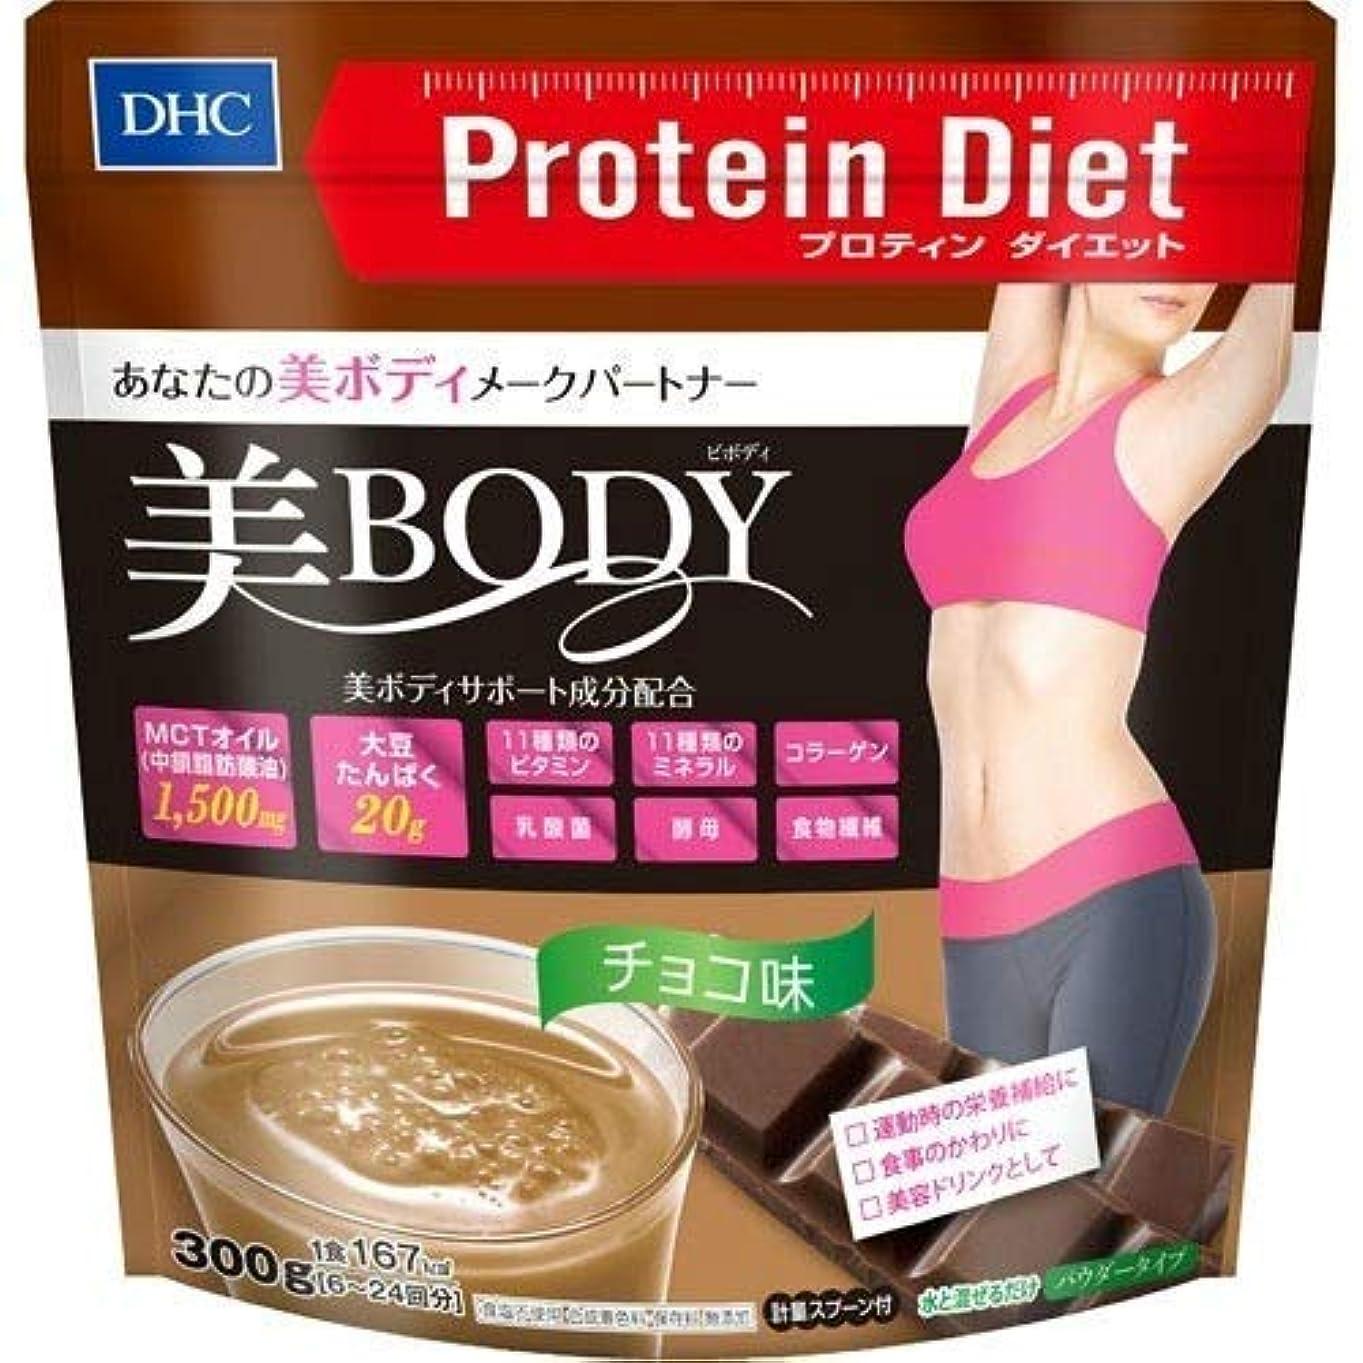 リーン溶岩不承認DHC プロテインダイエット 美Body チョコ味 300g×2個